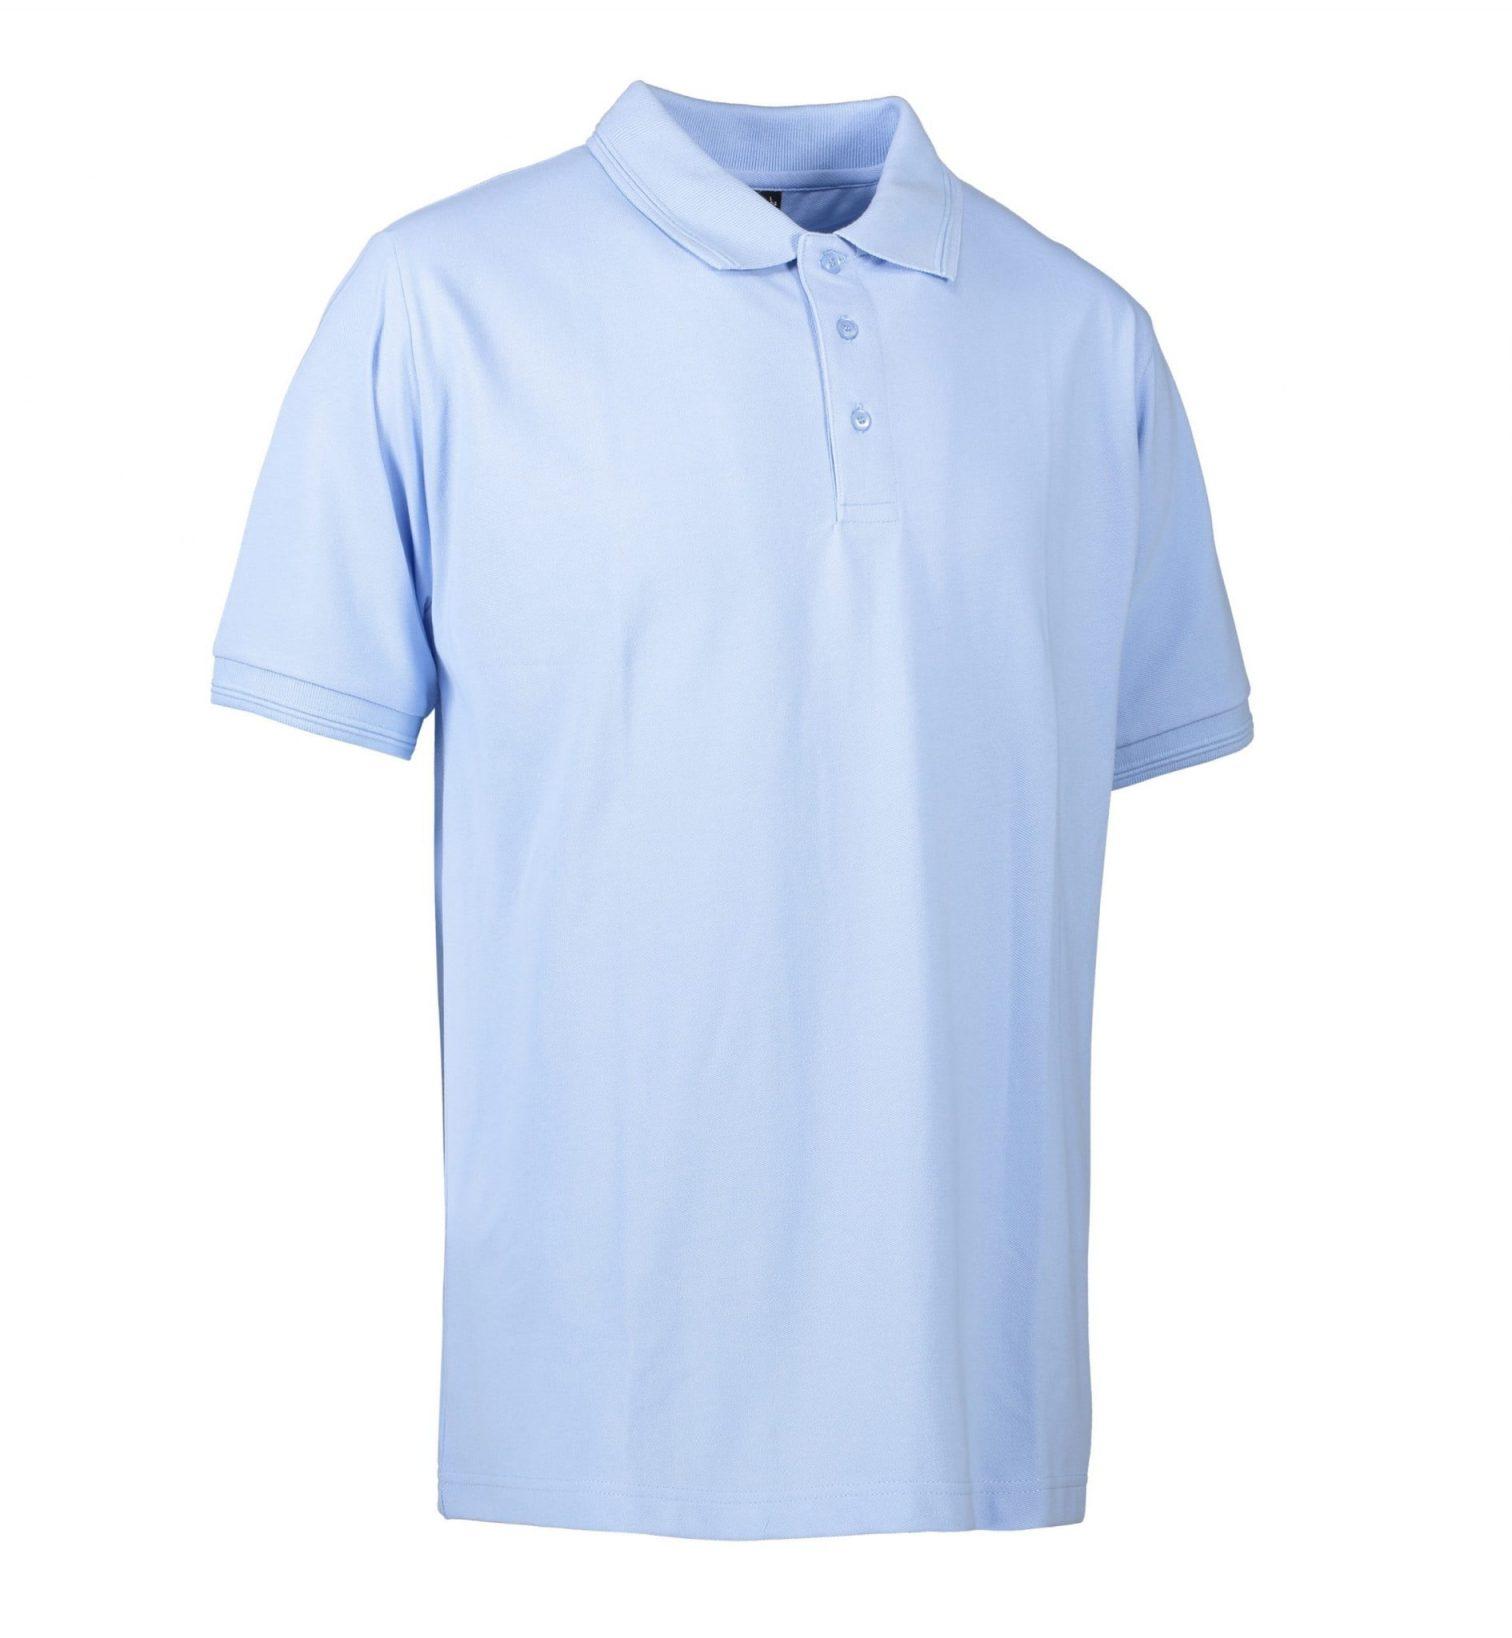 ID PRO Wear poloshirt uden lomme herre lys blå